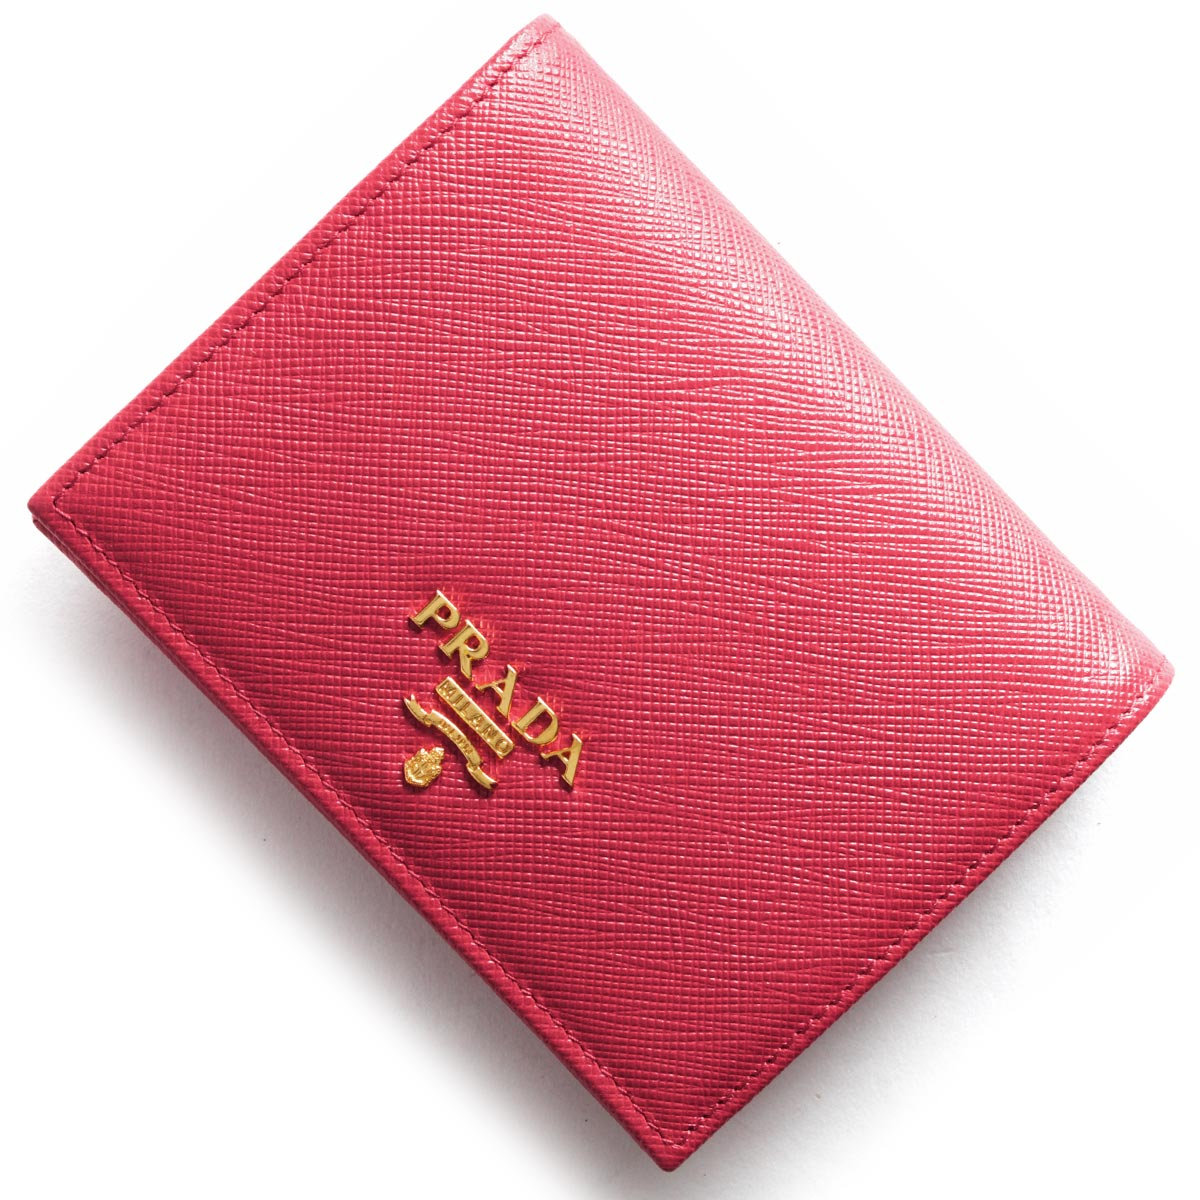 プラダ 二つ折り財布 財布 レディース サフィアーノ メタル SAFFIANO METAL ペオニアピンク 1MV204 QWA F0505 PRADA